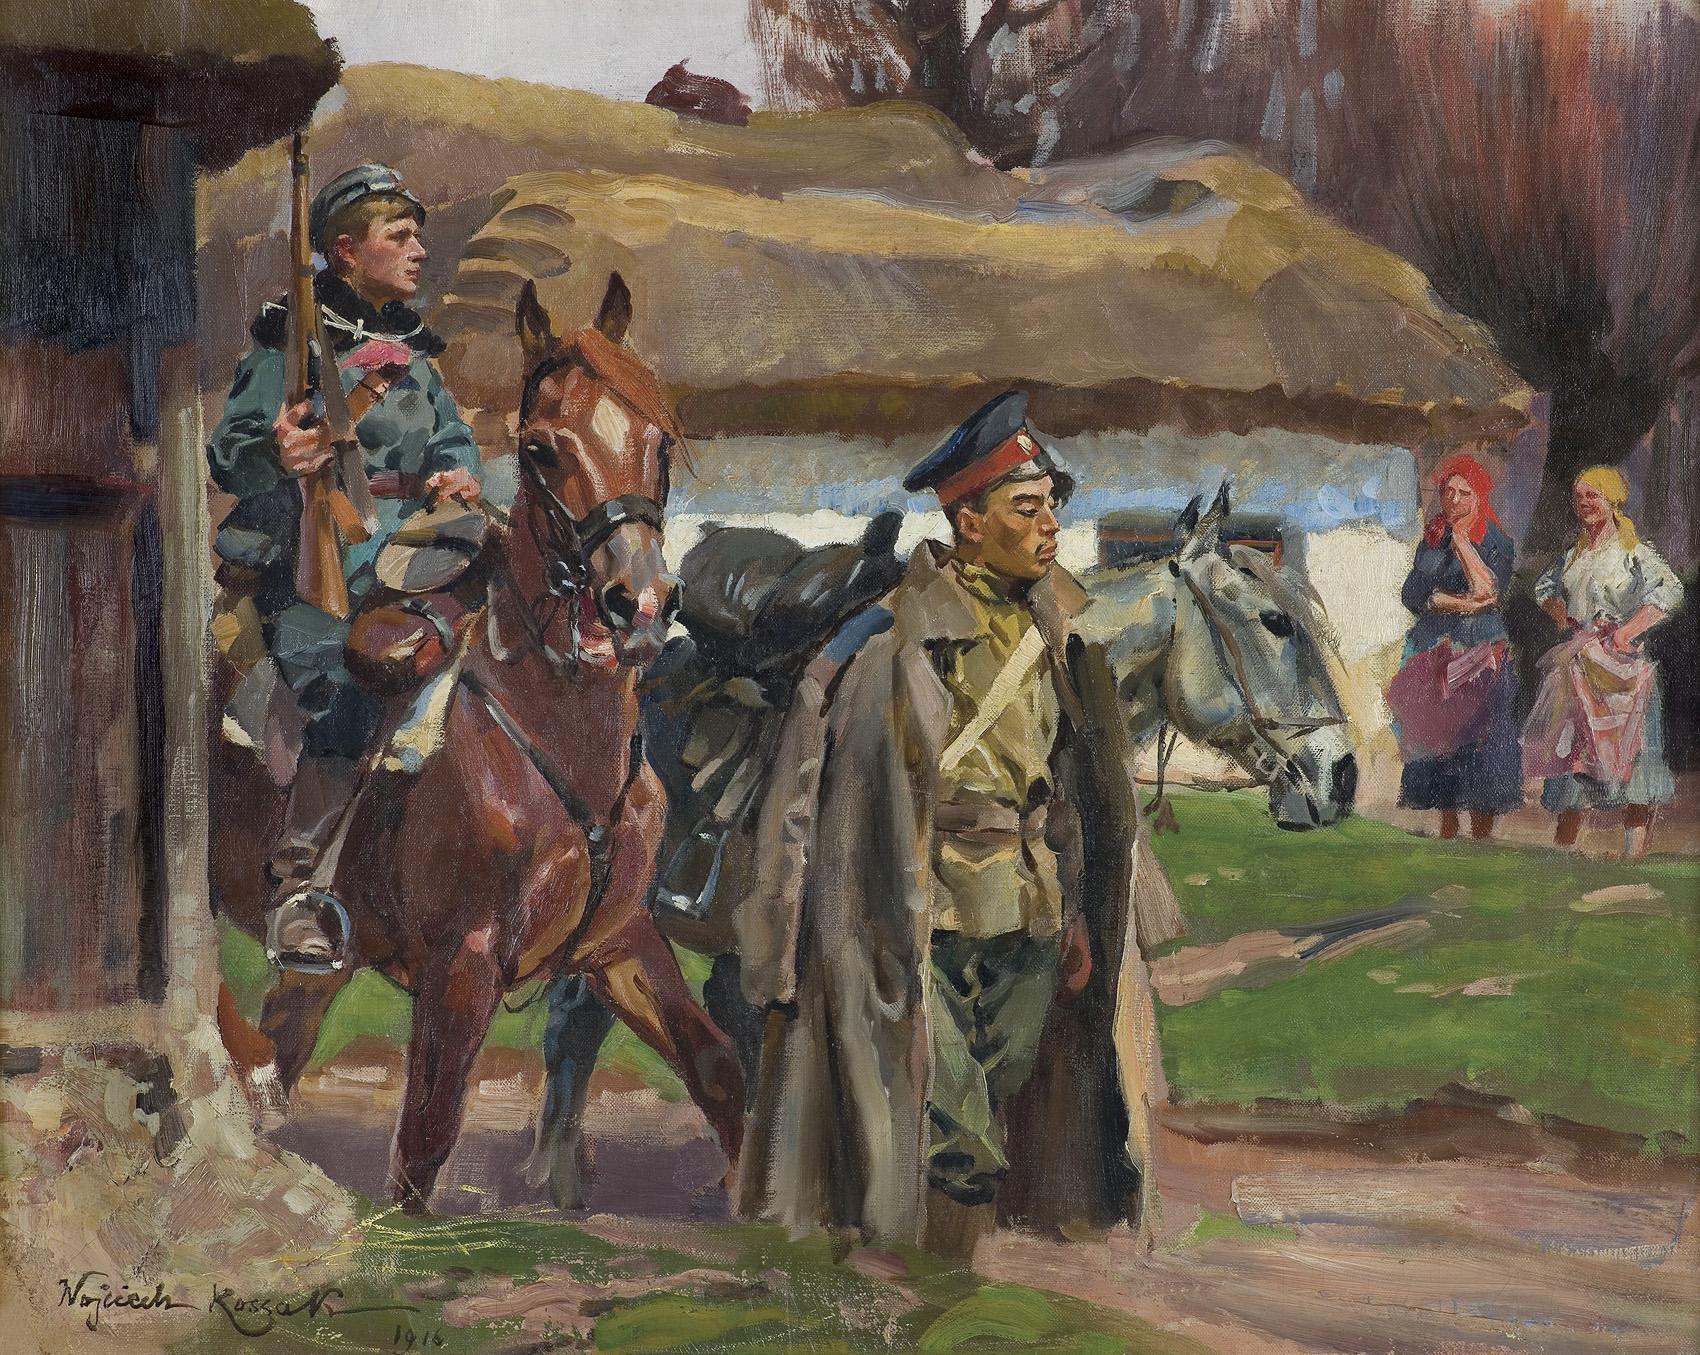 ESKORTA, 1916